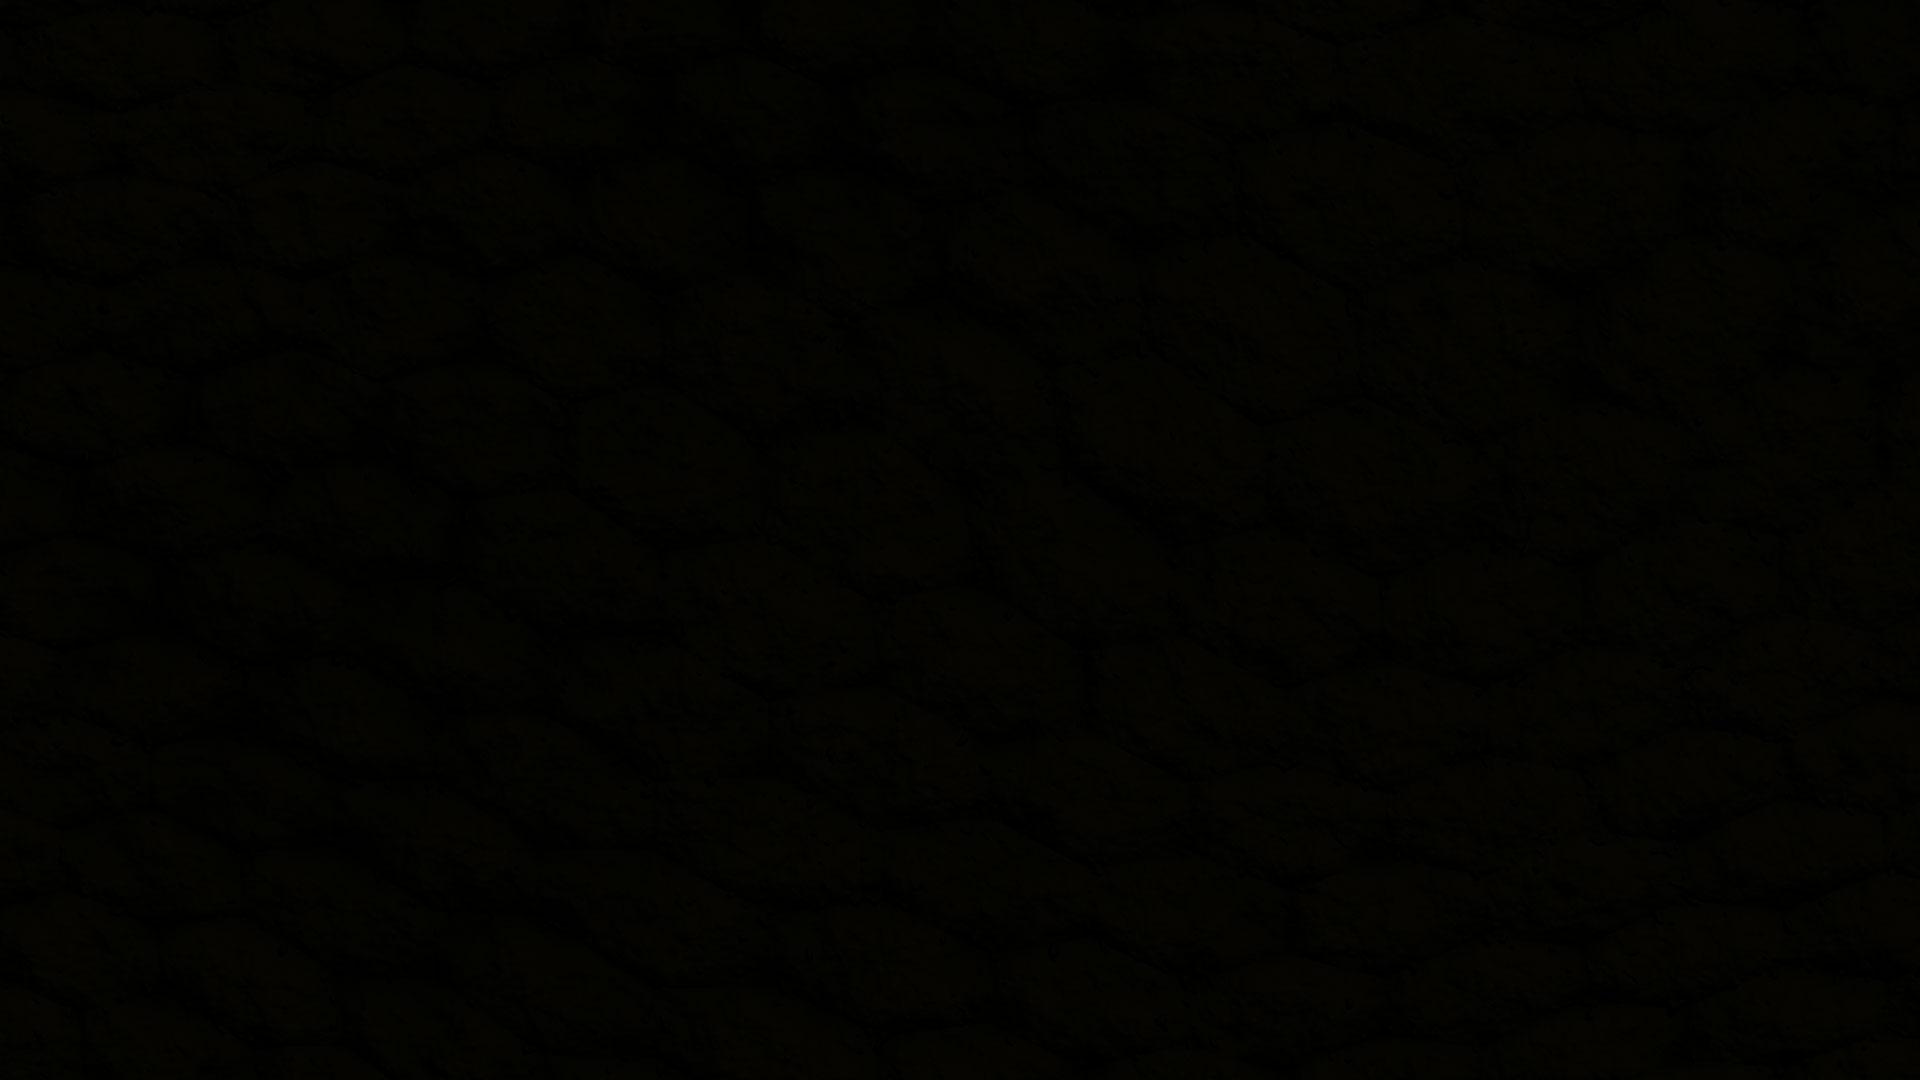 black16